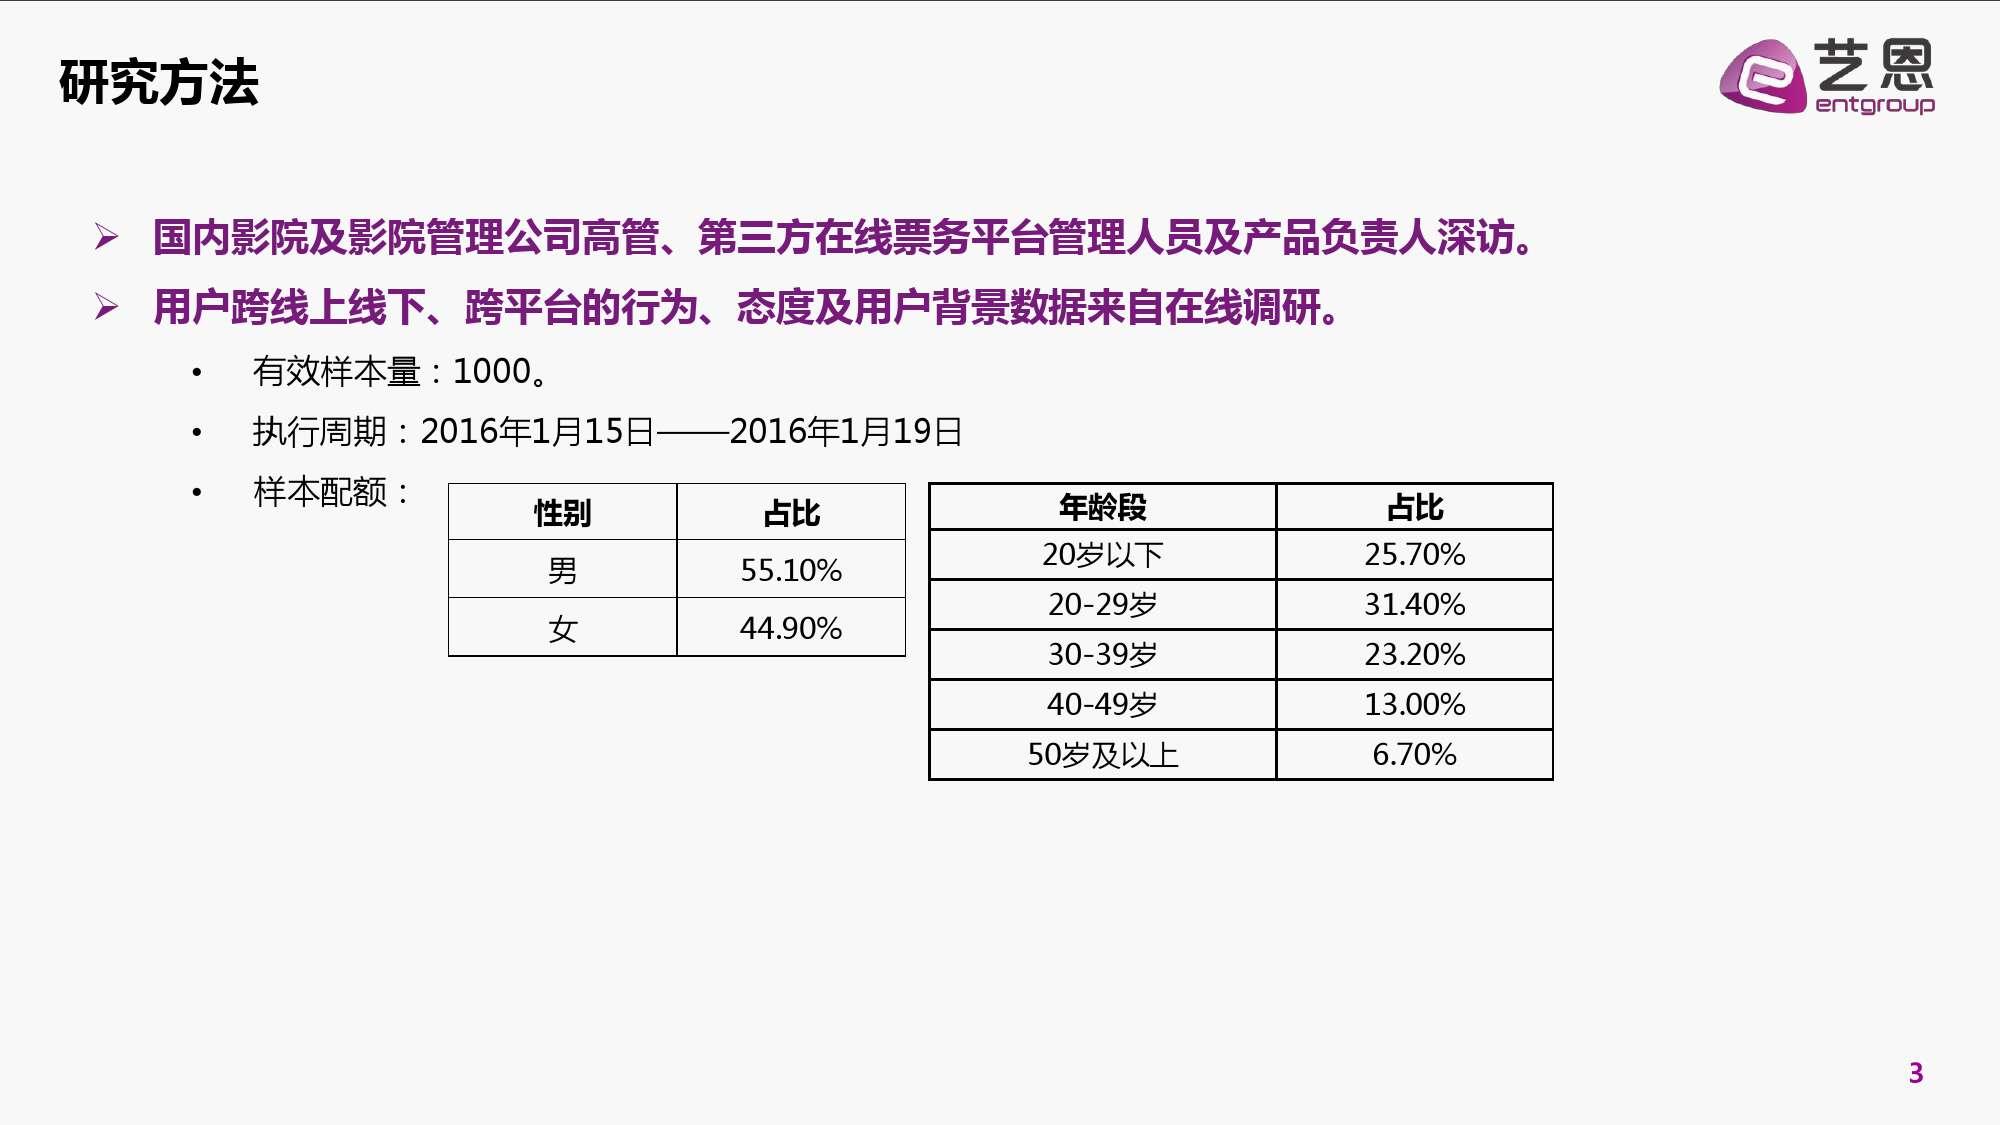 2016年中国电影在线票务市场研究报告_000003